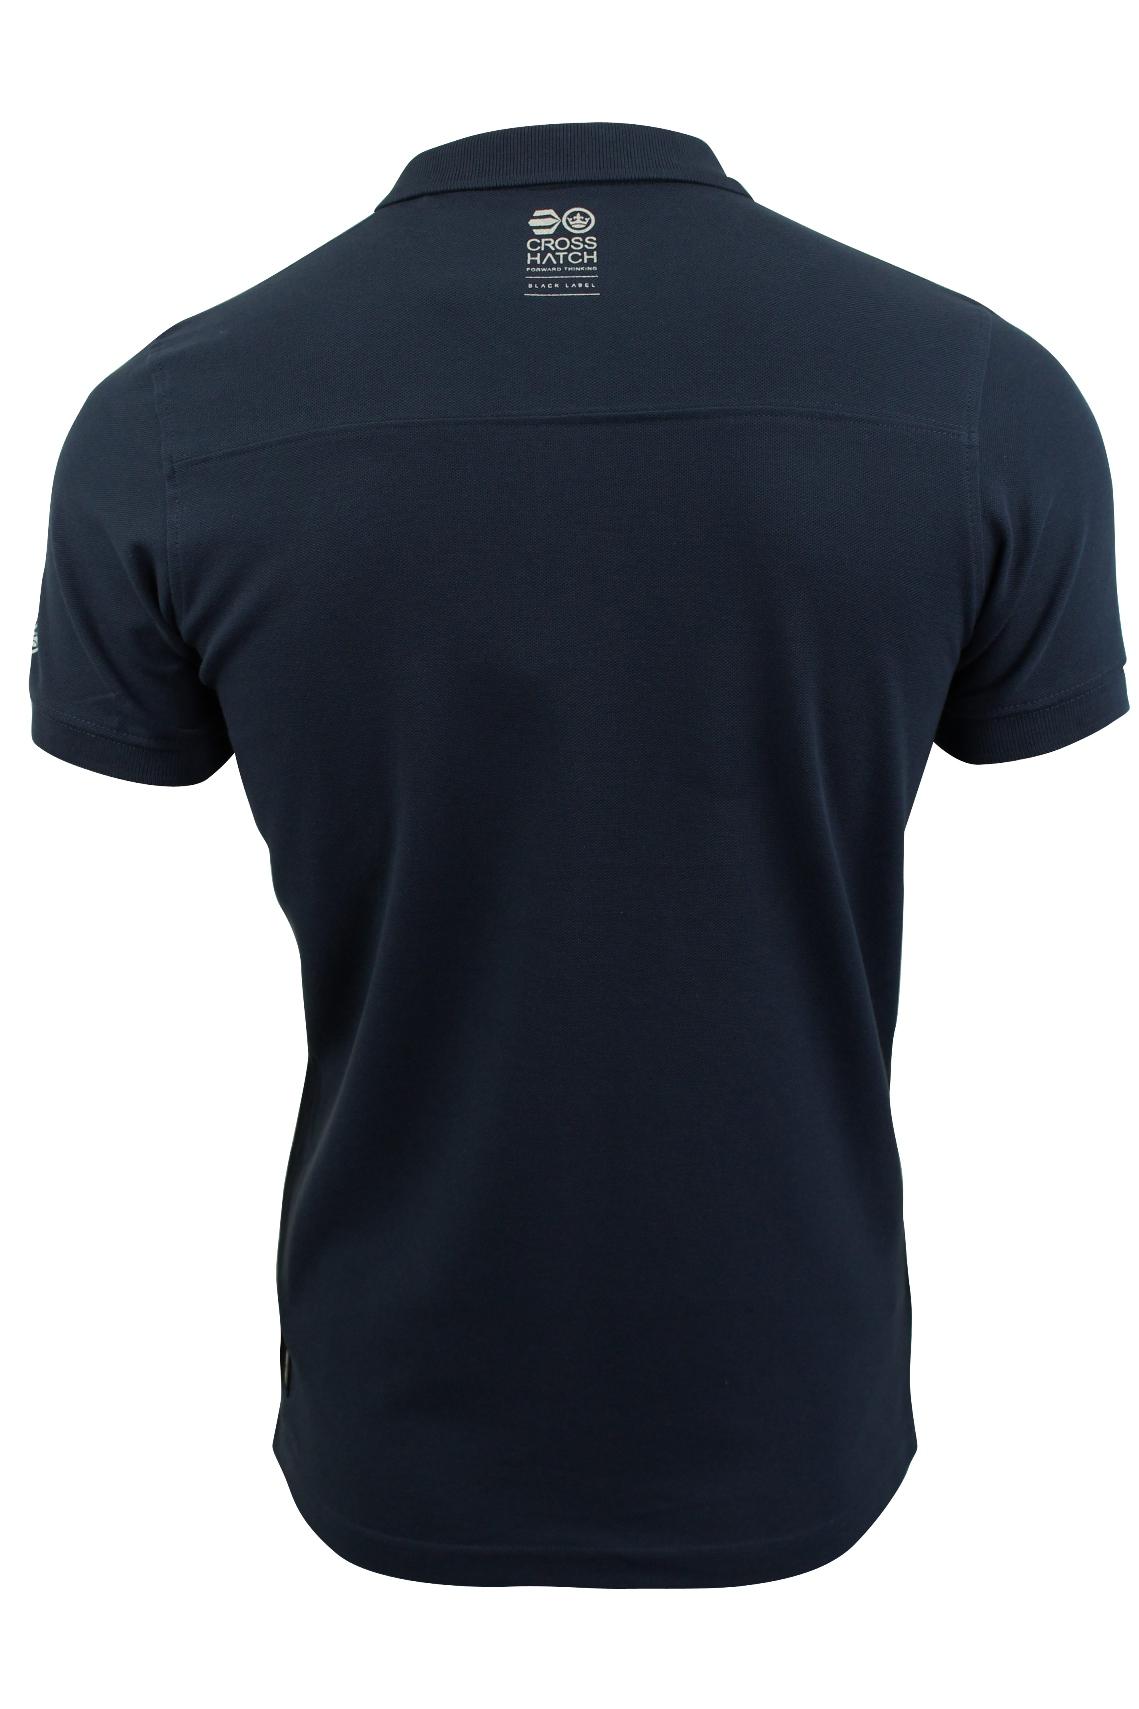 Camisa-Polo-Para-Hombre-De-Crosshatch-039-matriz-de-dos-Manga-corta-039 miniatura 8